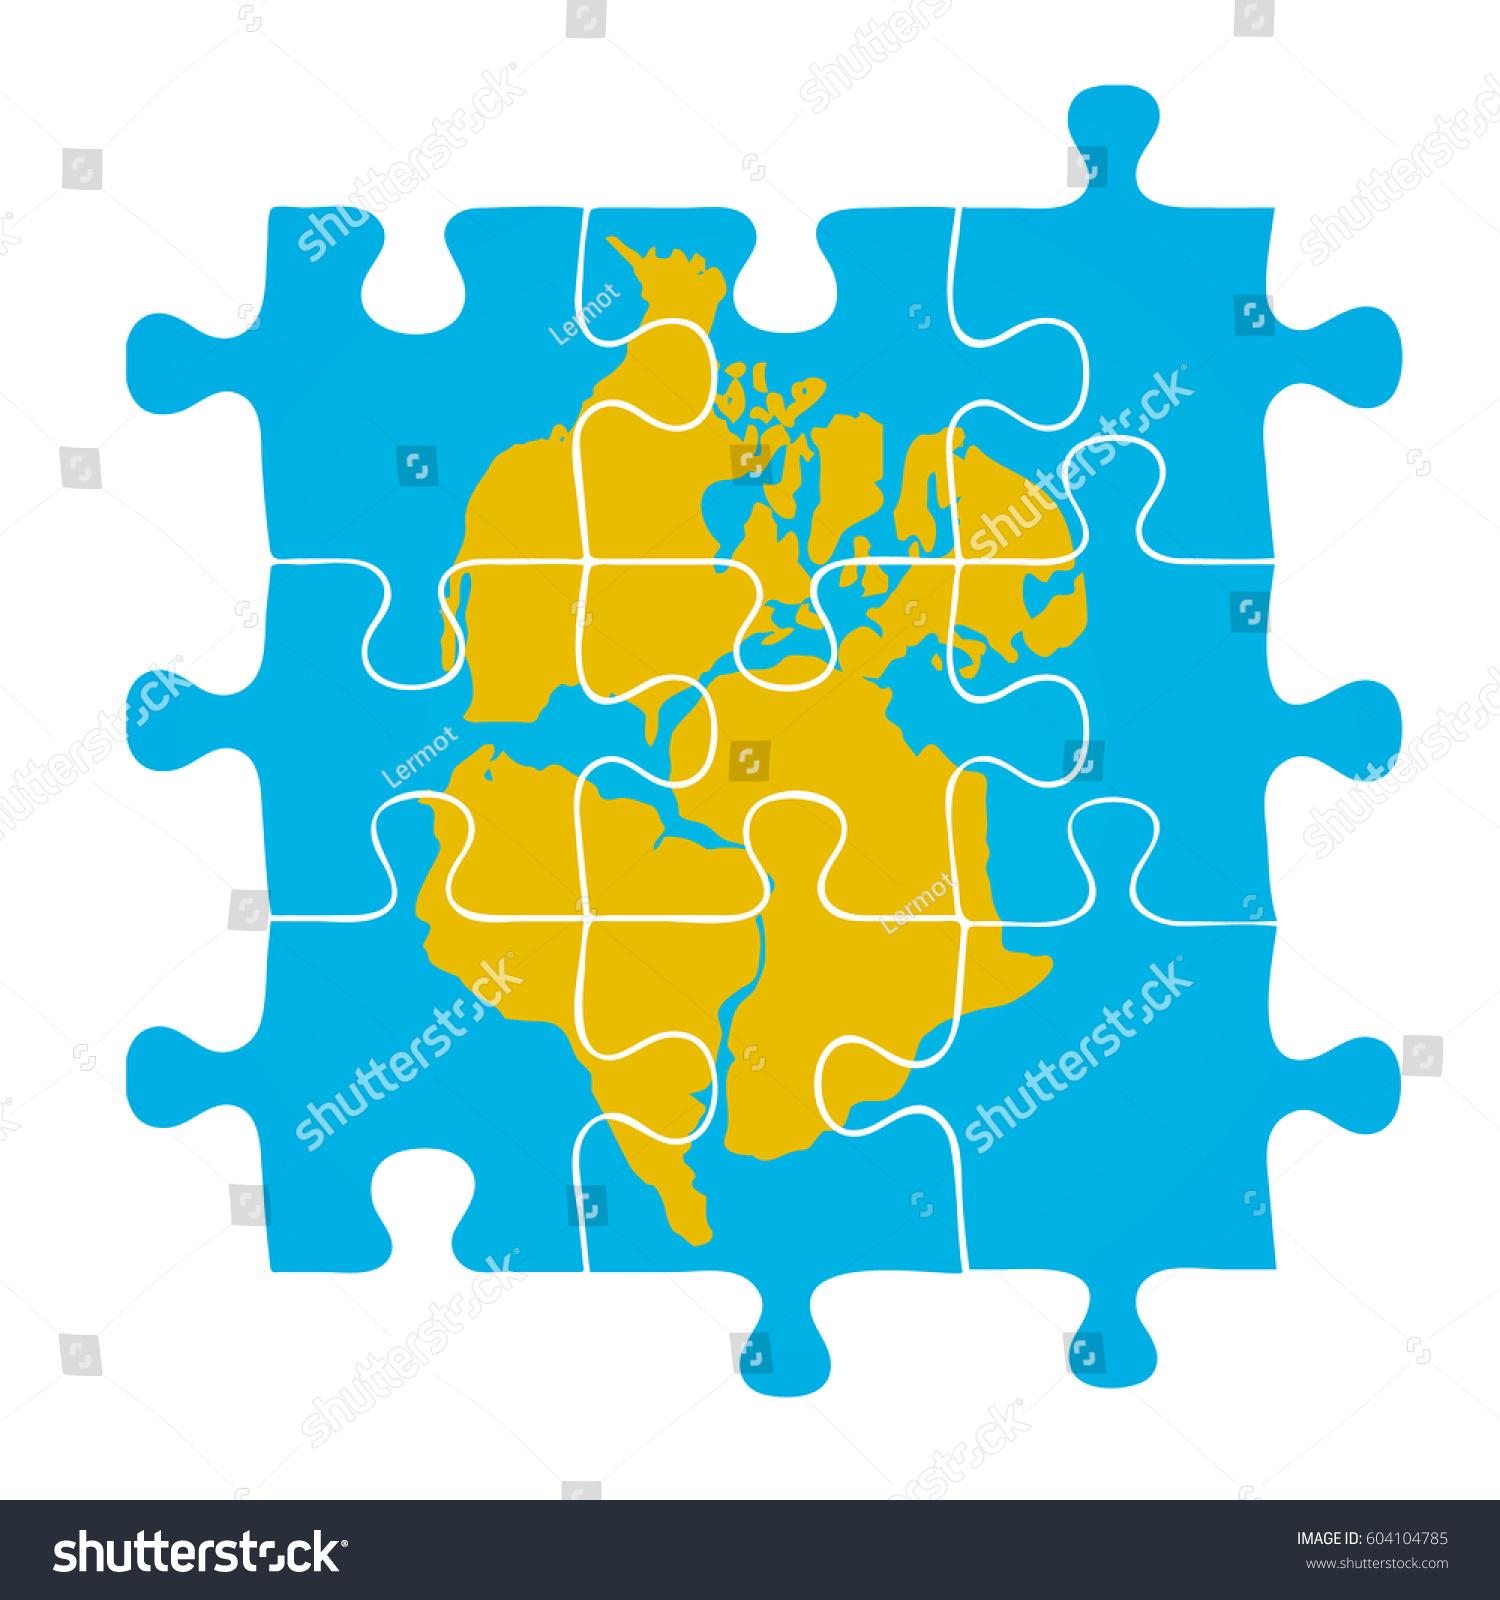 Pangaea puzzle vector illustration vector de stock604104785 pangaea puzzle vector illustration gumiabroncs Images